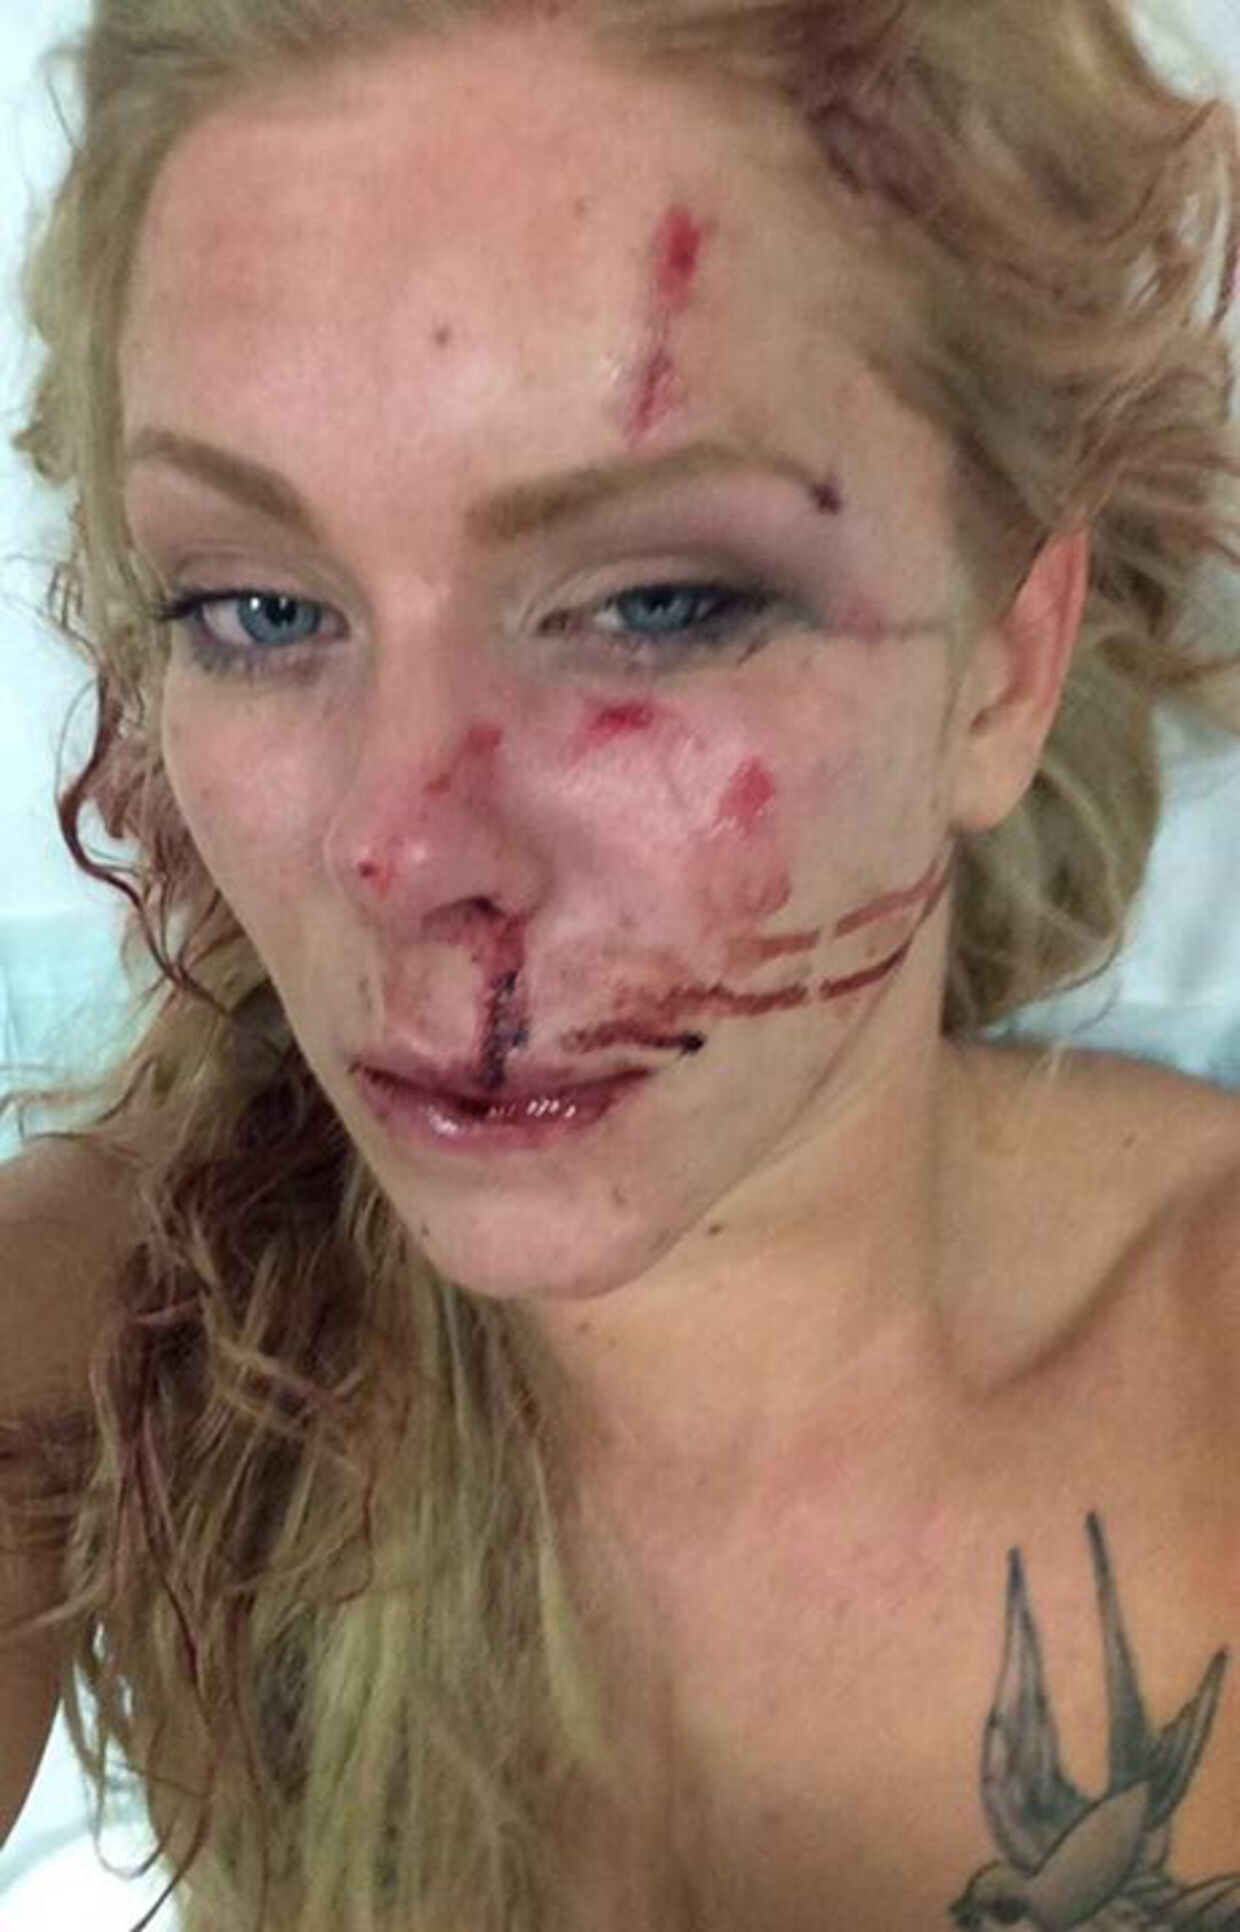 Nanna Skovmand lagde dette billede på Facebook nogle dage efter overfaldet. Siden blev hendes historie delt vidt og bredt på de sociale medier.